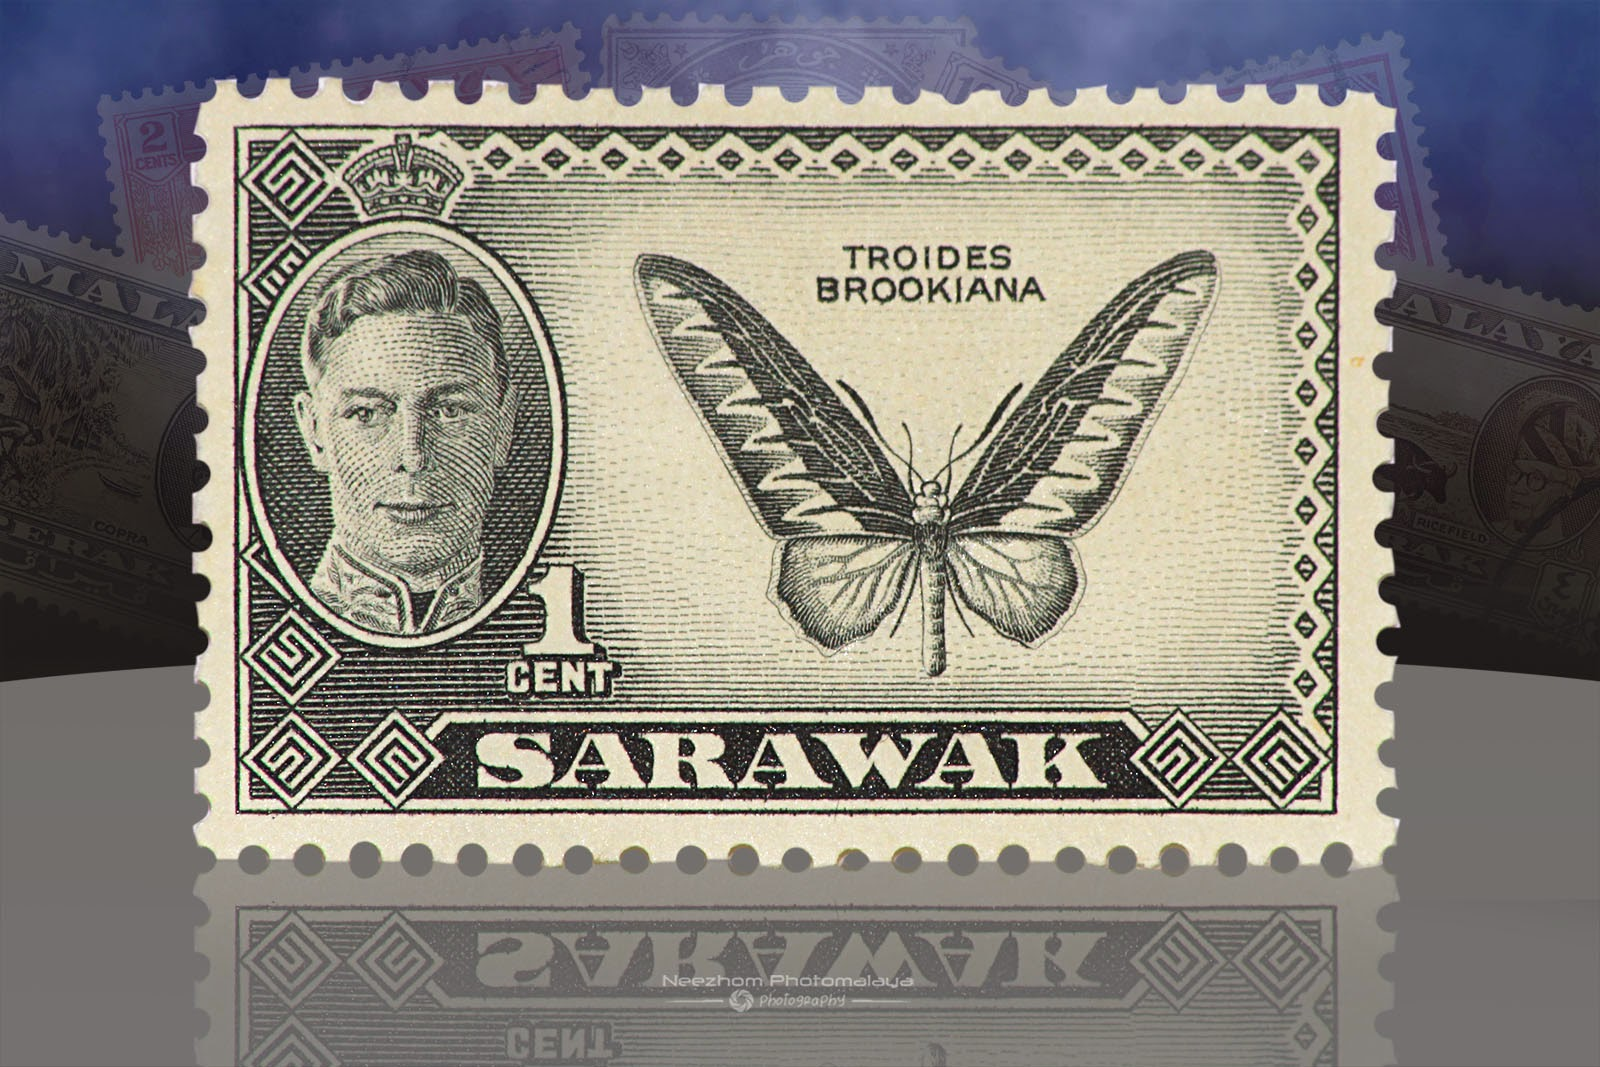 Setem Sarawak 1 Cent Troides Brookiana 1950